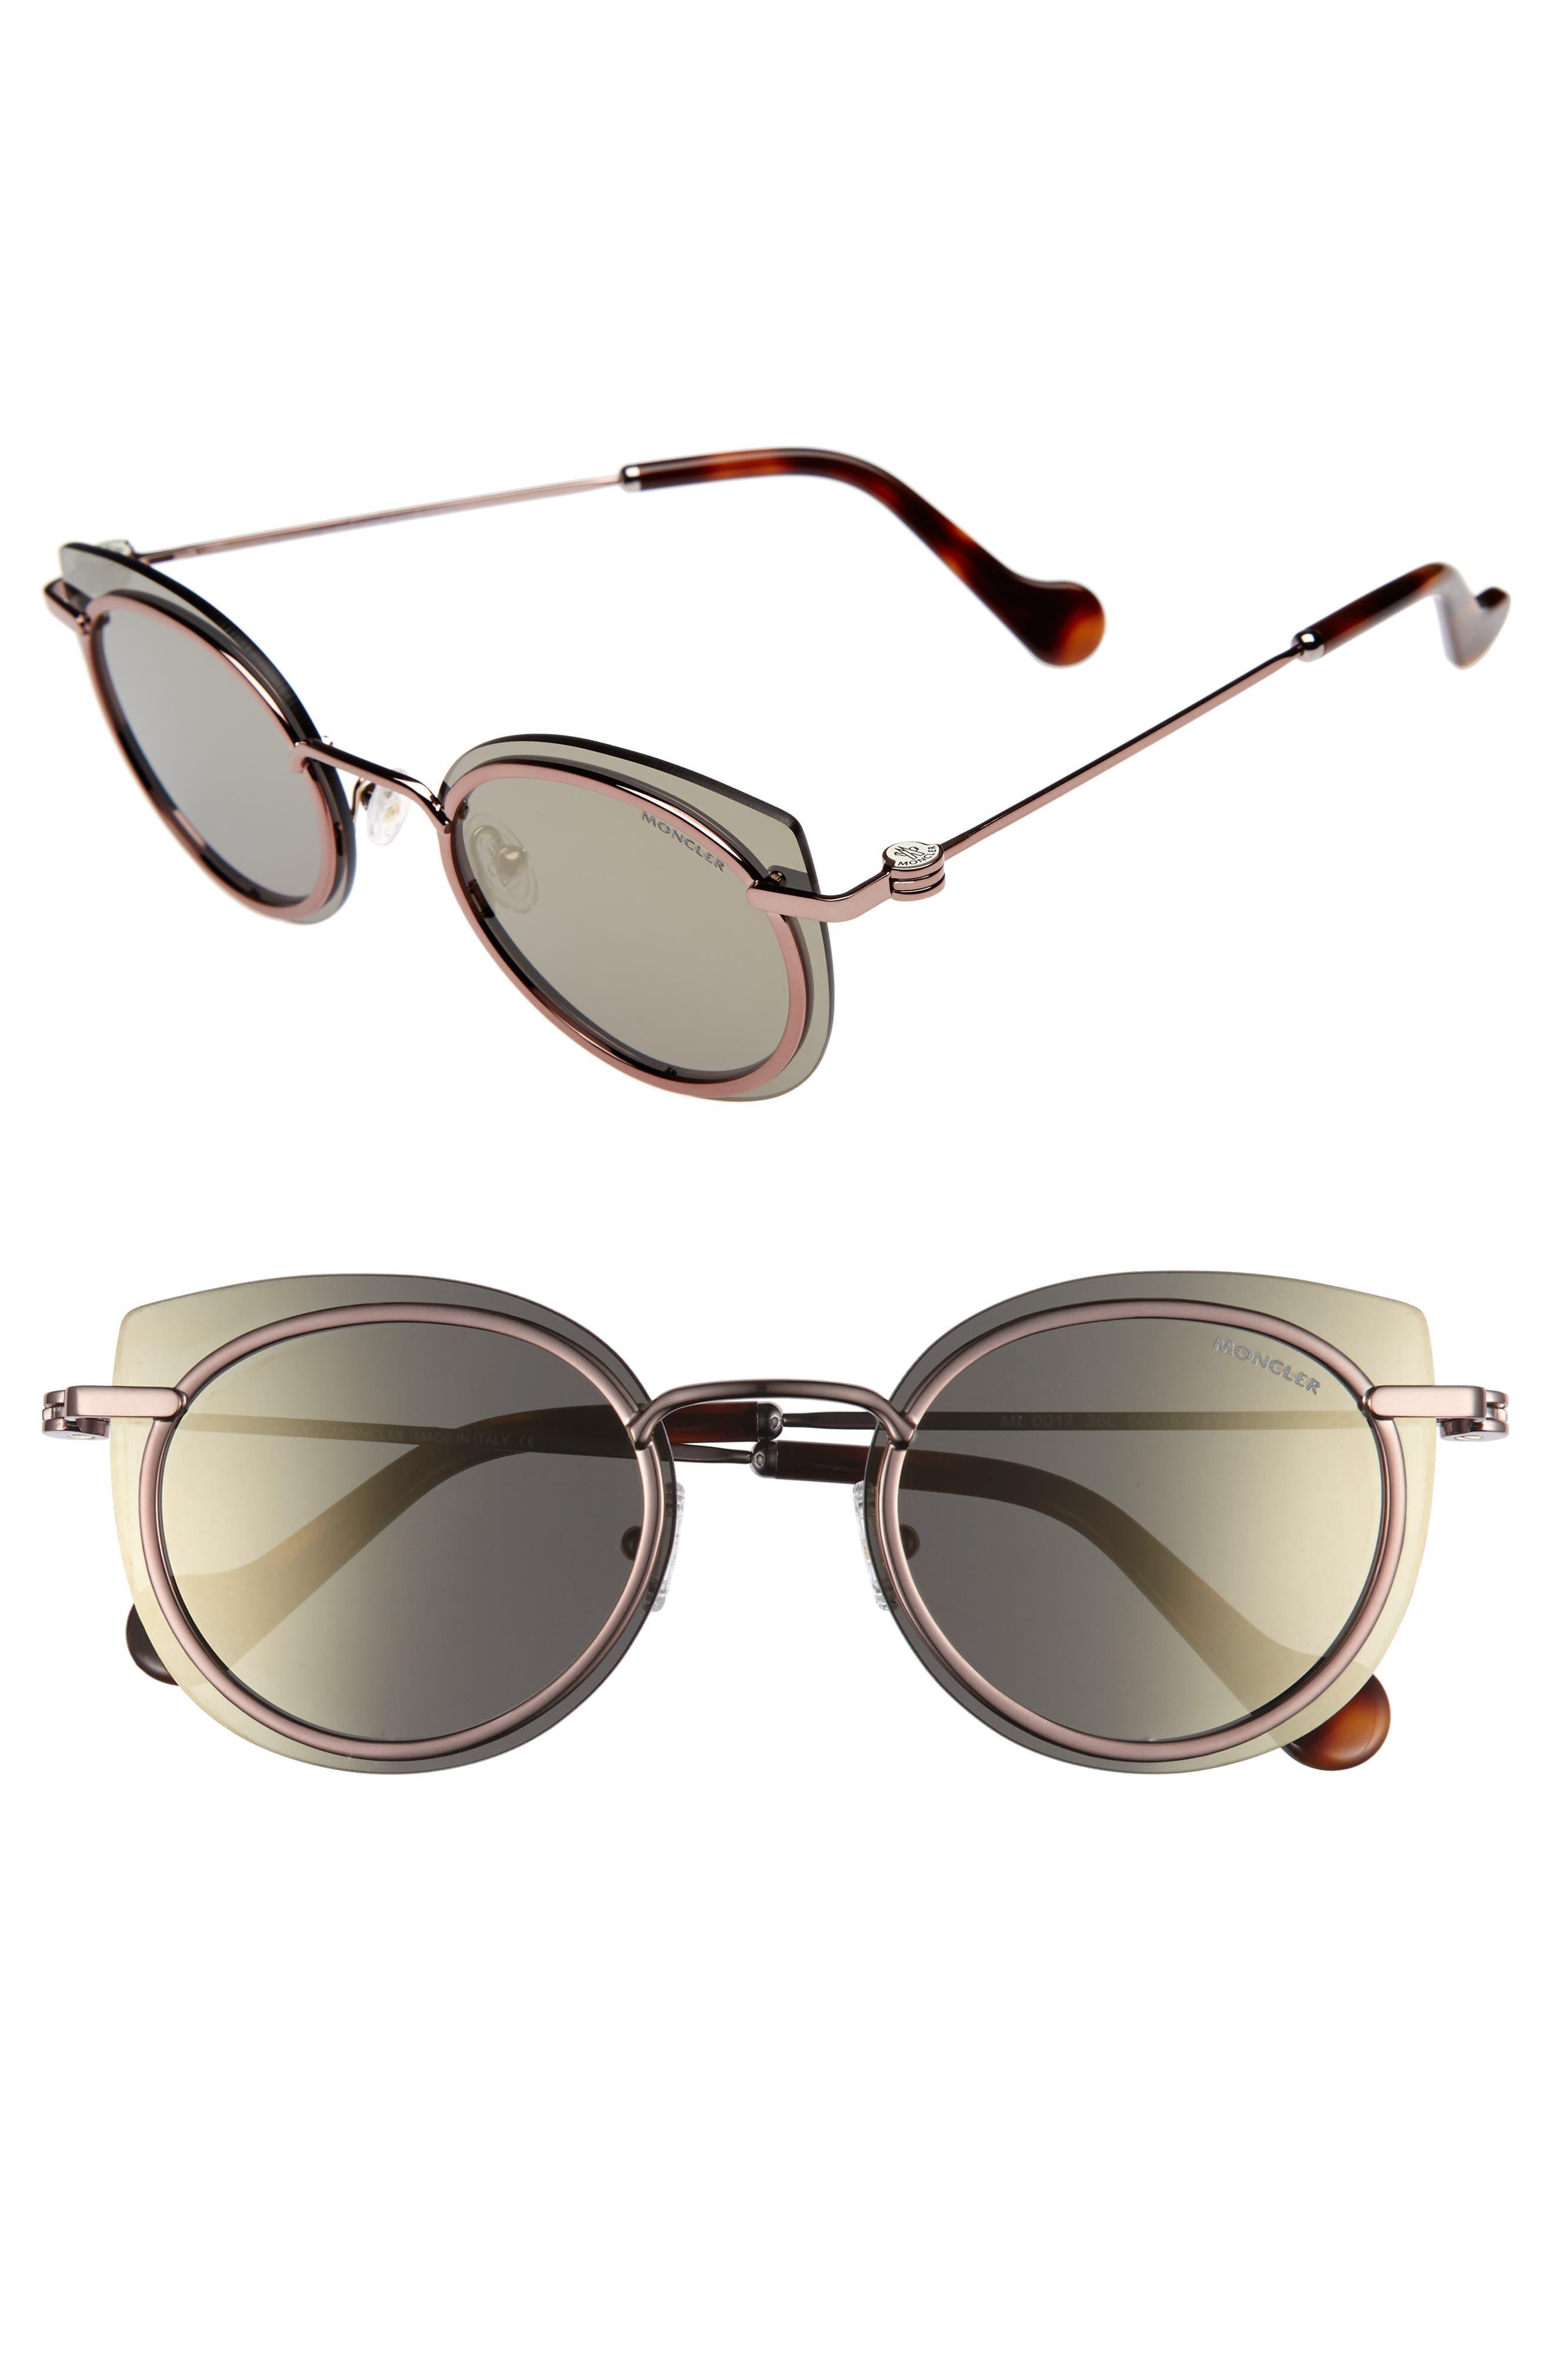 56mm Mirrored Cat Eye Sunglasses,                         Main,                         color, Dark Bronze / Roviex Mirror